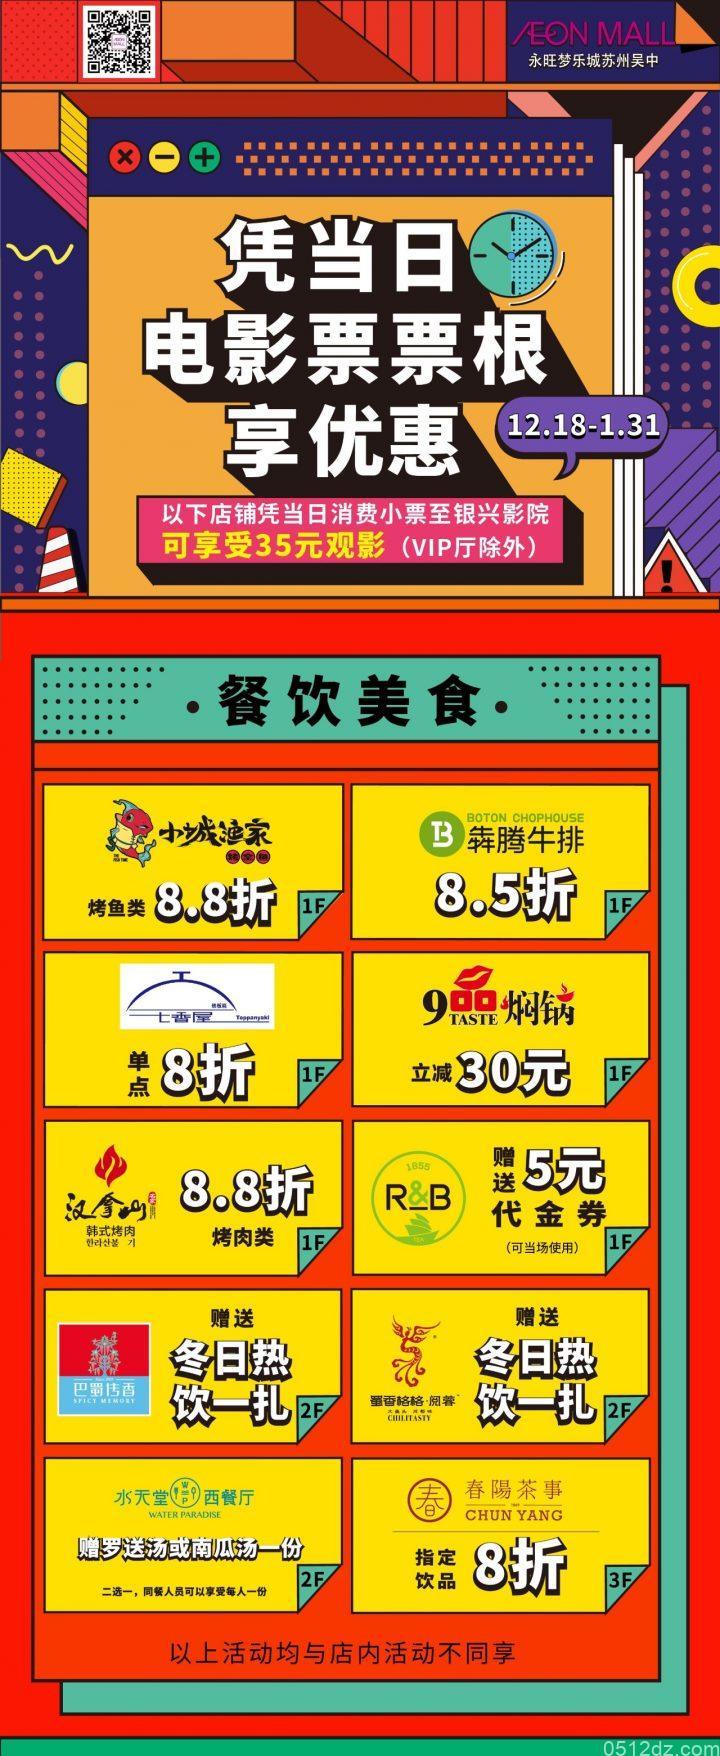 永旺梦乐城苏州吴中店凭电影票根享优惠